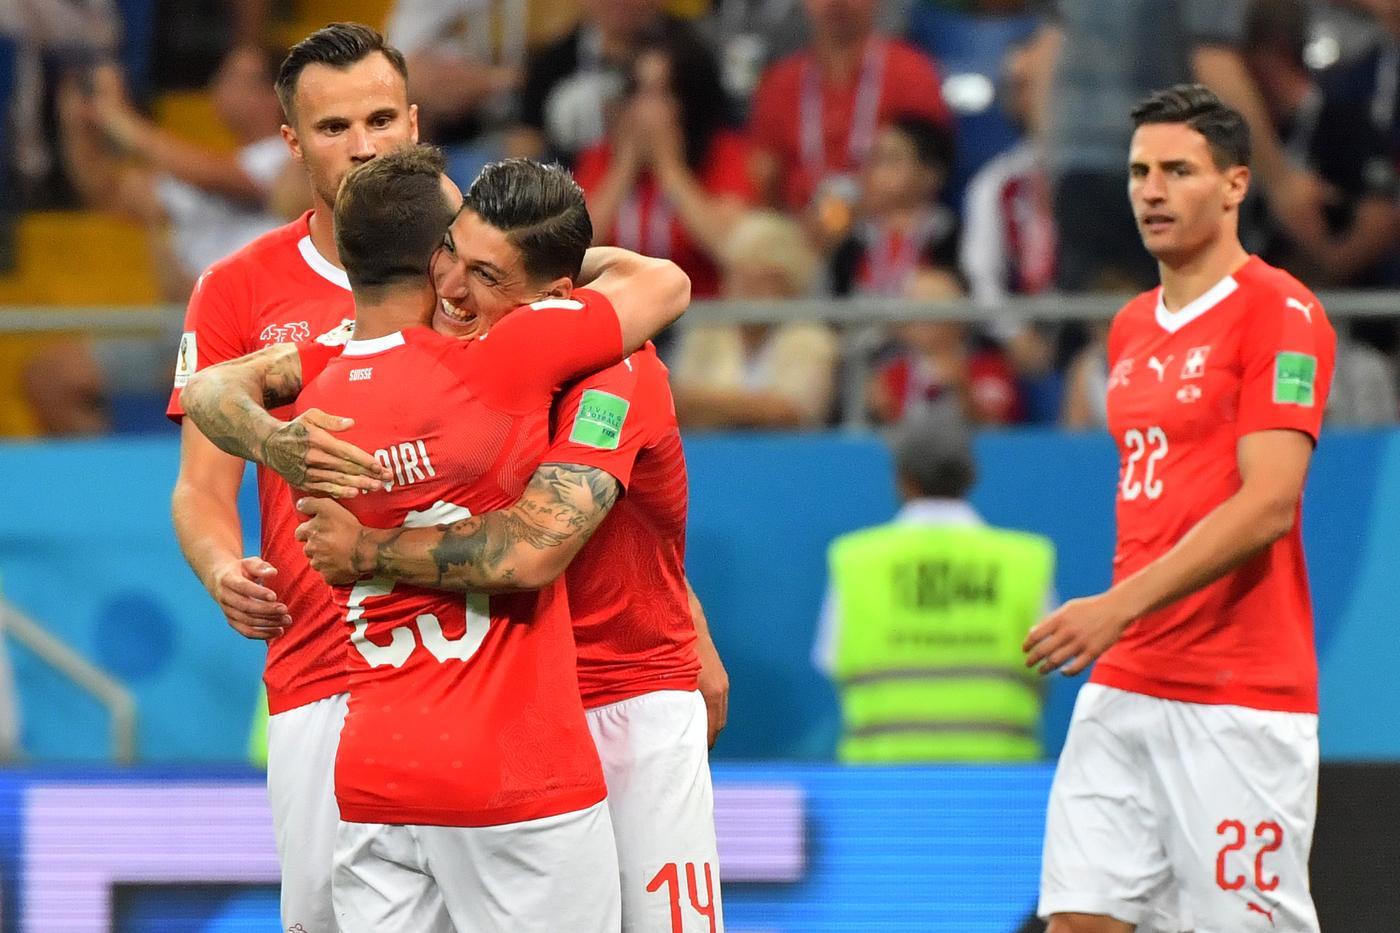 Serbia-Svizzera venerdì 22 giugno, analisi e pronostico Mondiali Russia 2018 girone E